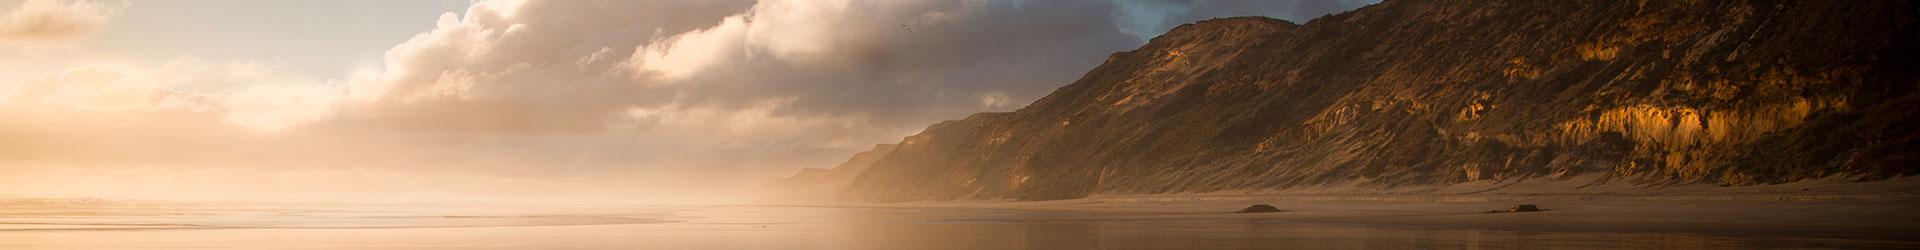 https://www.dargavillenz.com/uploads/images/beach2-banner.jpg